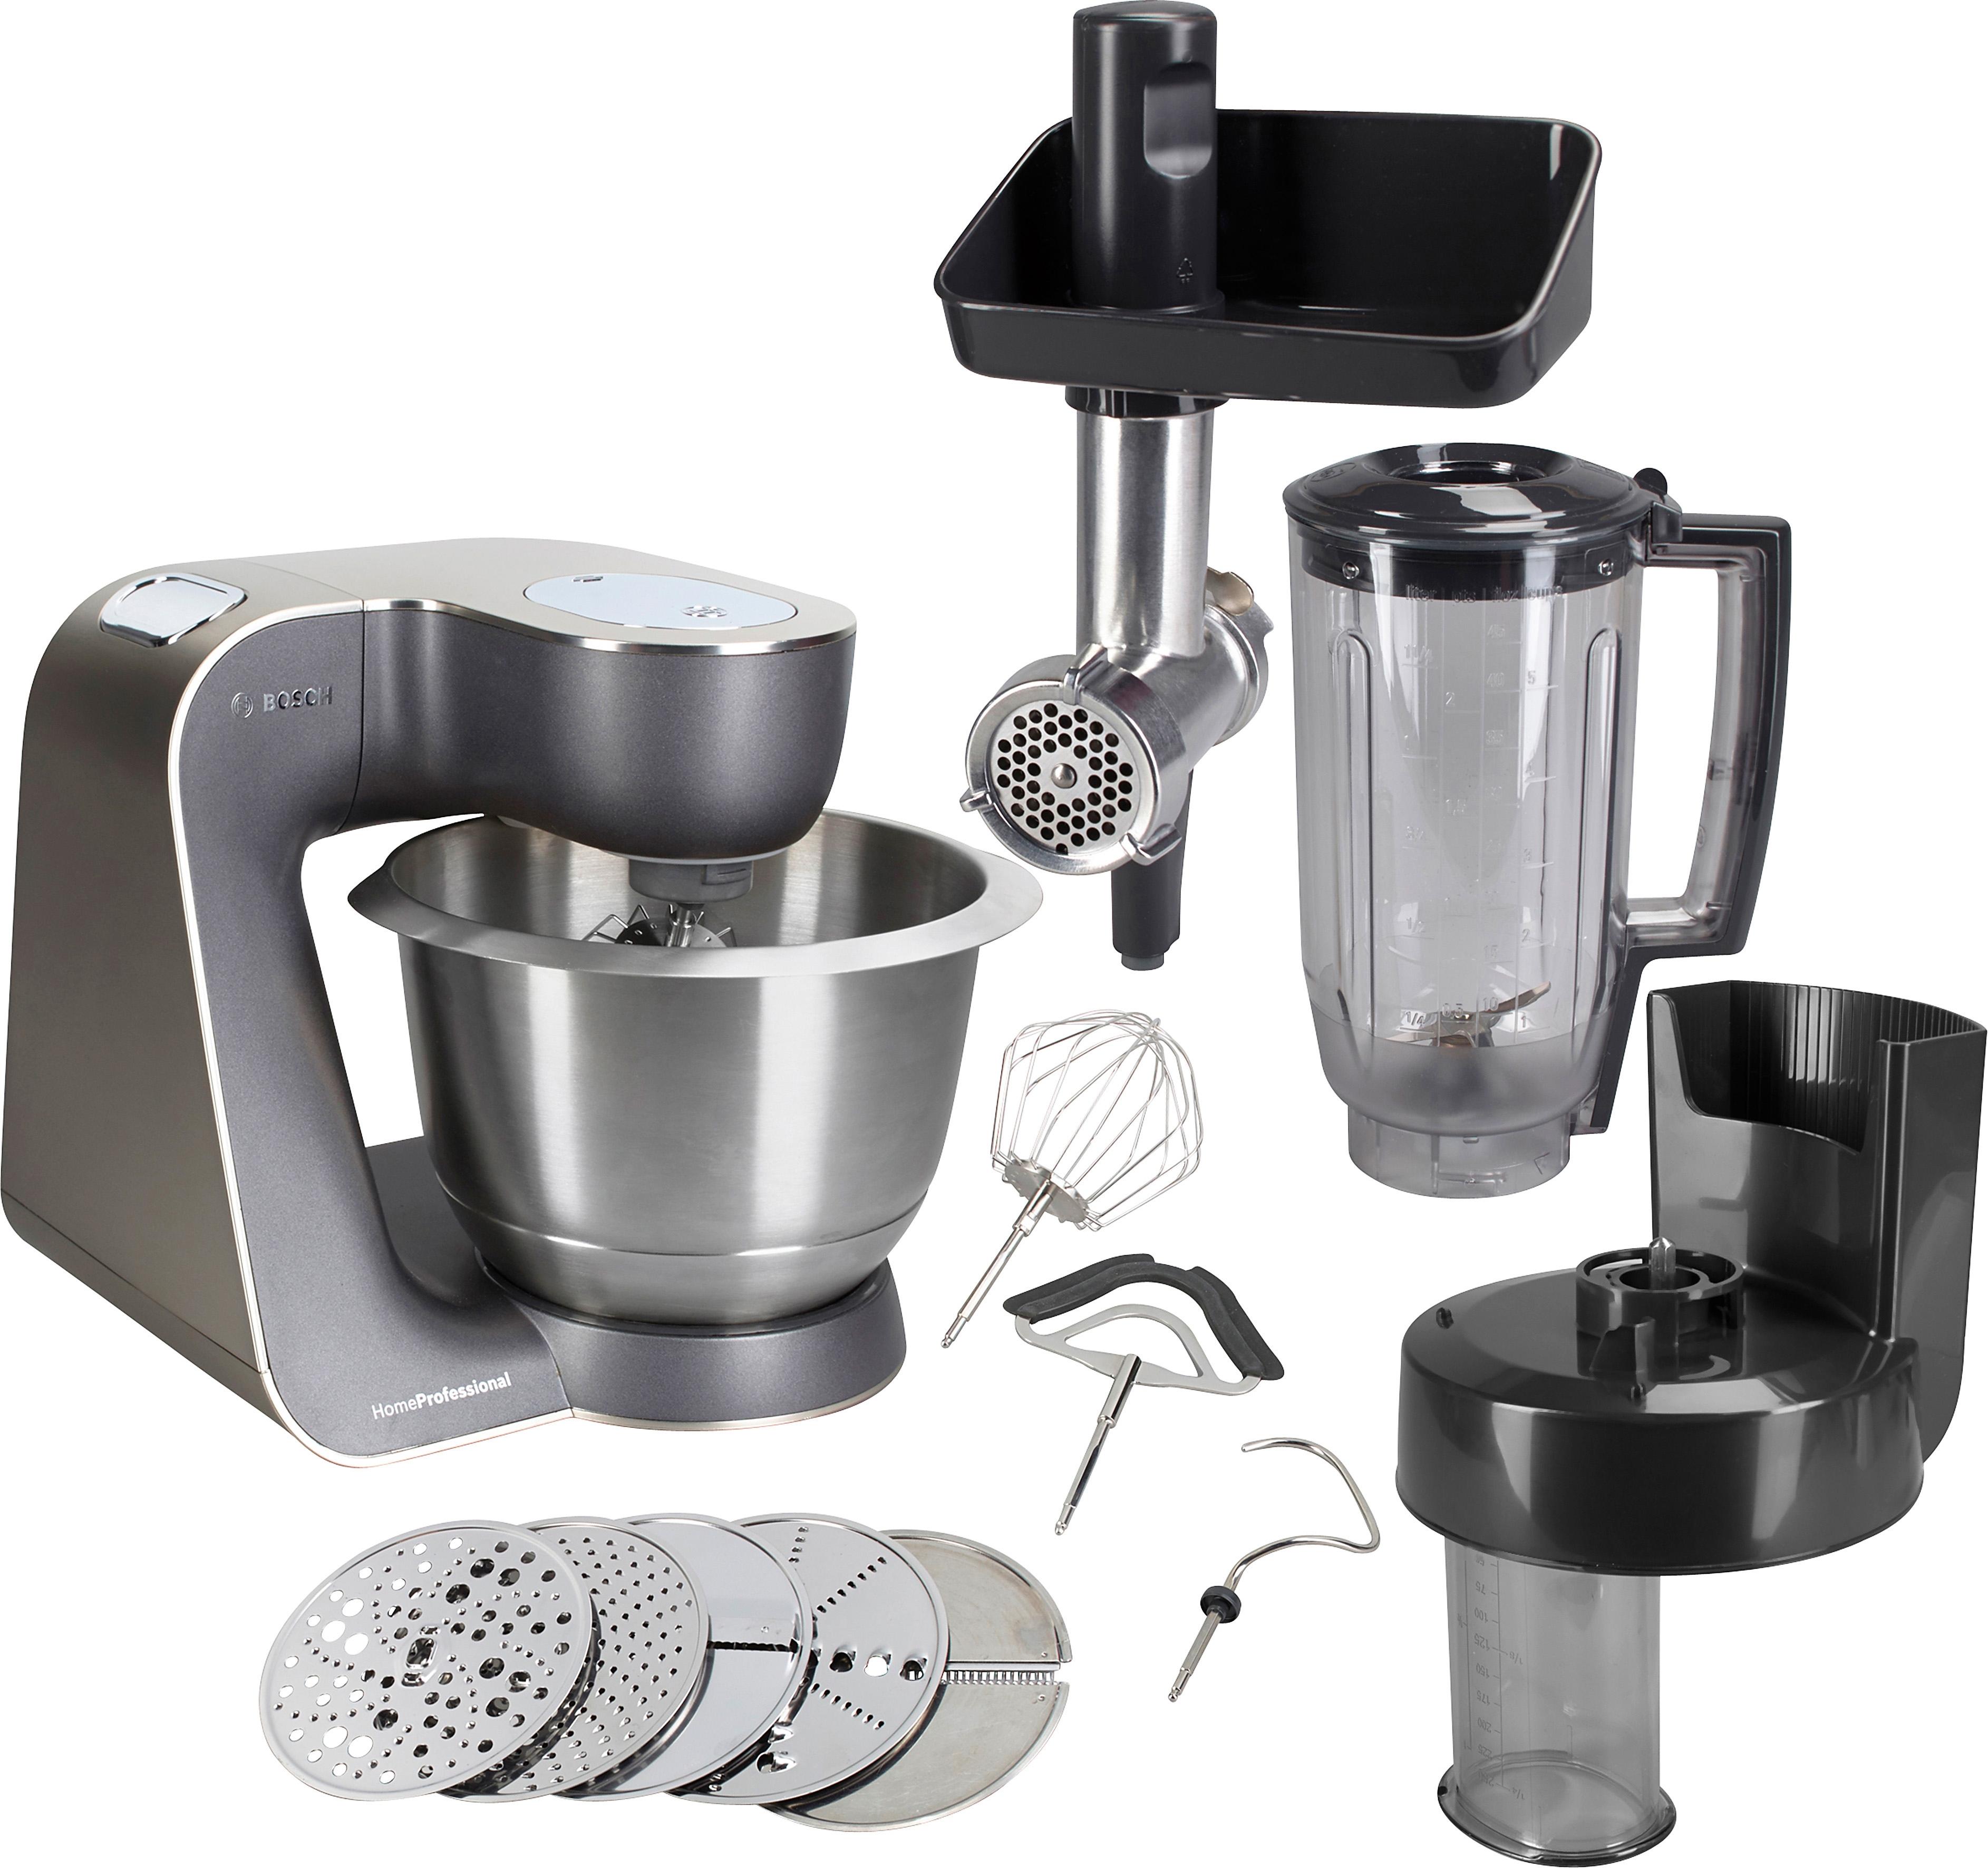 Bosch Keukenmachine Home Professional MUM57860, 3,9 liter, mystic black / edelstaal-look voordelig en veilig online kopen